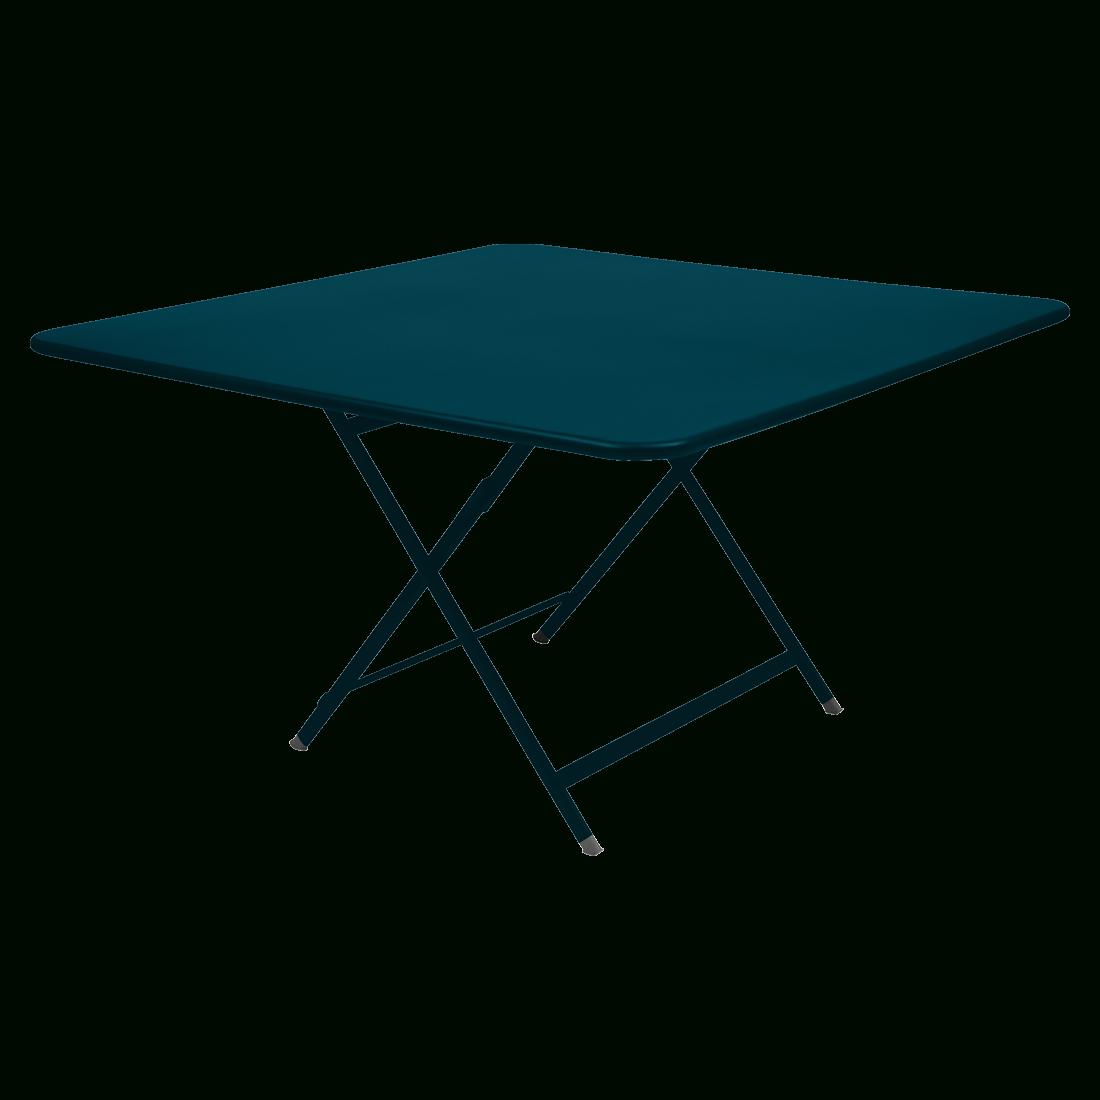 Caractère Square Table, Garden Table For 8, Outdoor Furniture pour Table De Jardin En Metal